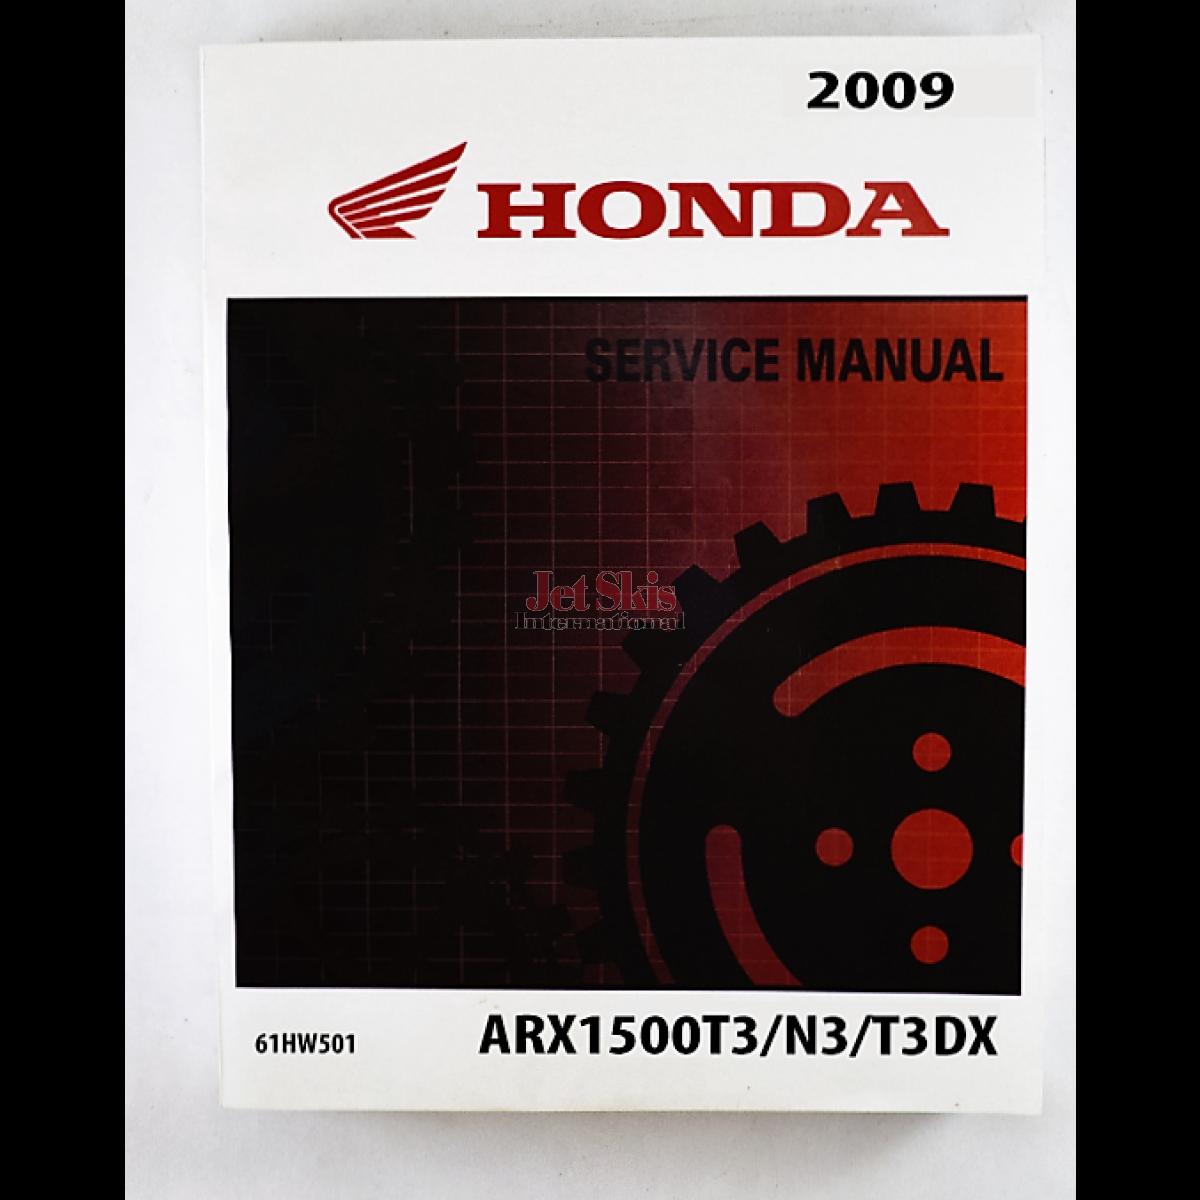 honda aquatrax f15 f15x service and shop manual 61hw501 jet skis rh jetskisint com 2002 Honda Aquatrax 2018 Honda Aquatrax